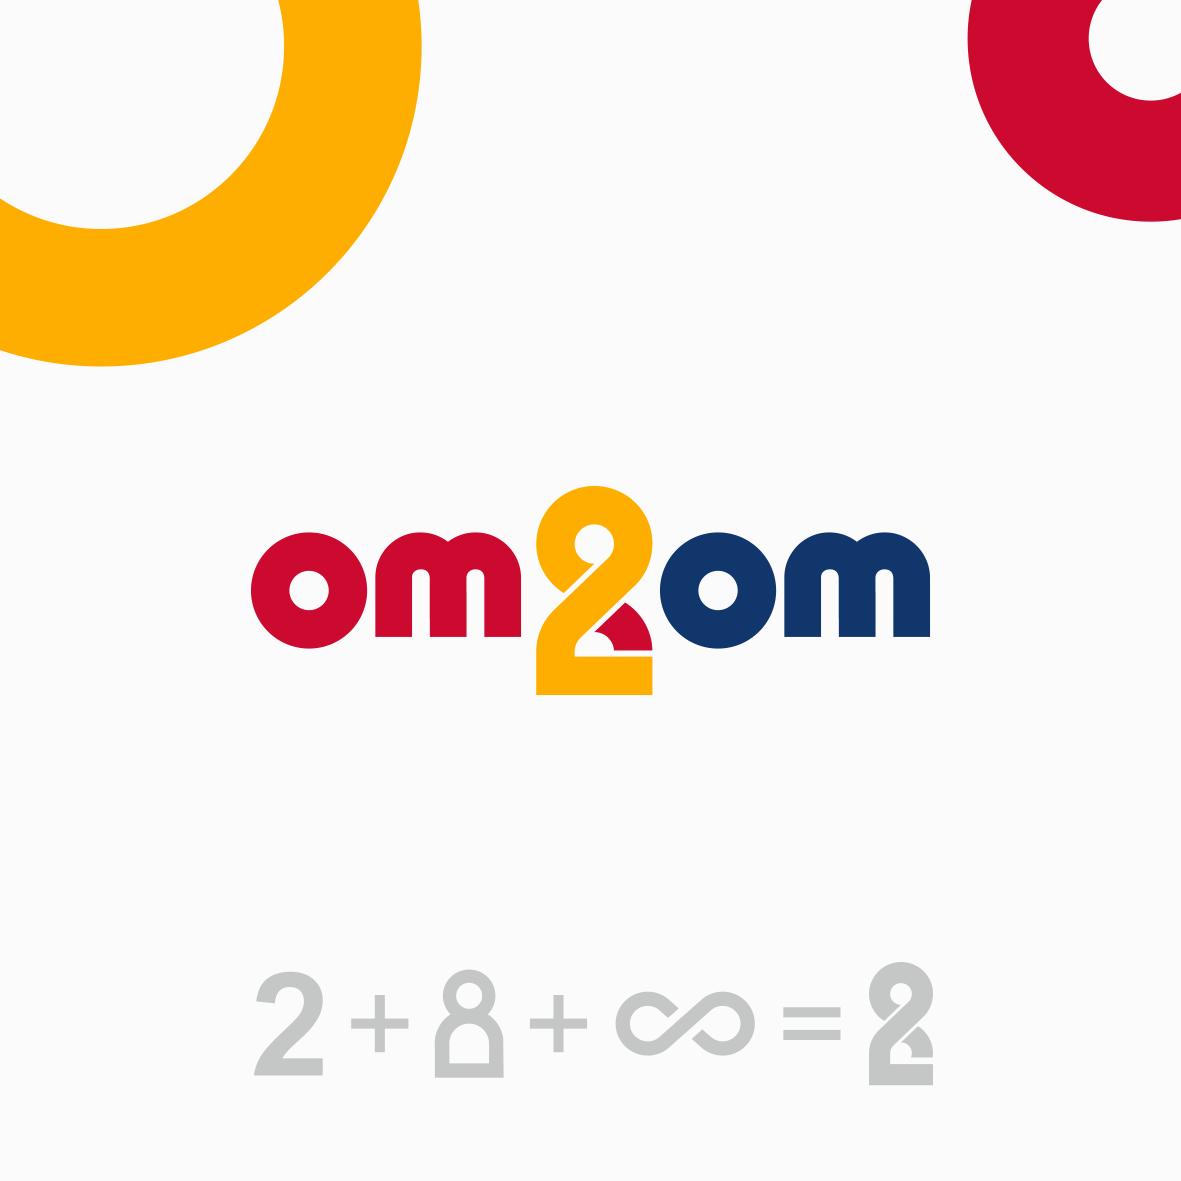 Разработка логотипа для краудфандинговой платформы om2om.md фото f_0405f5f65b404d35.png